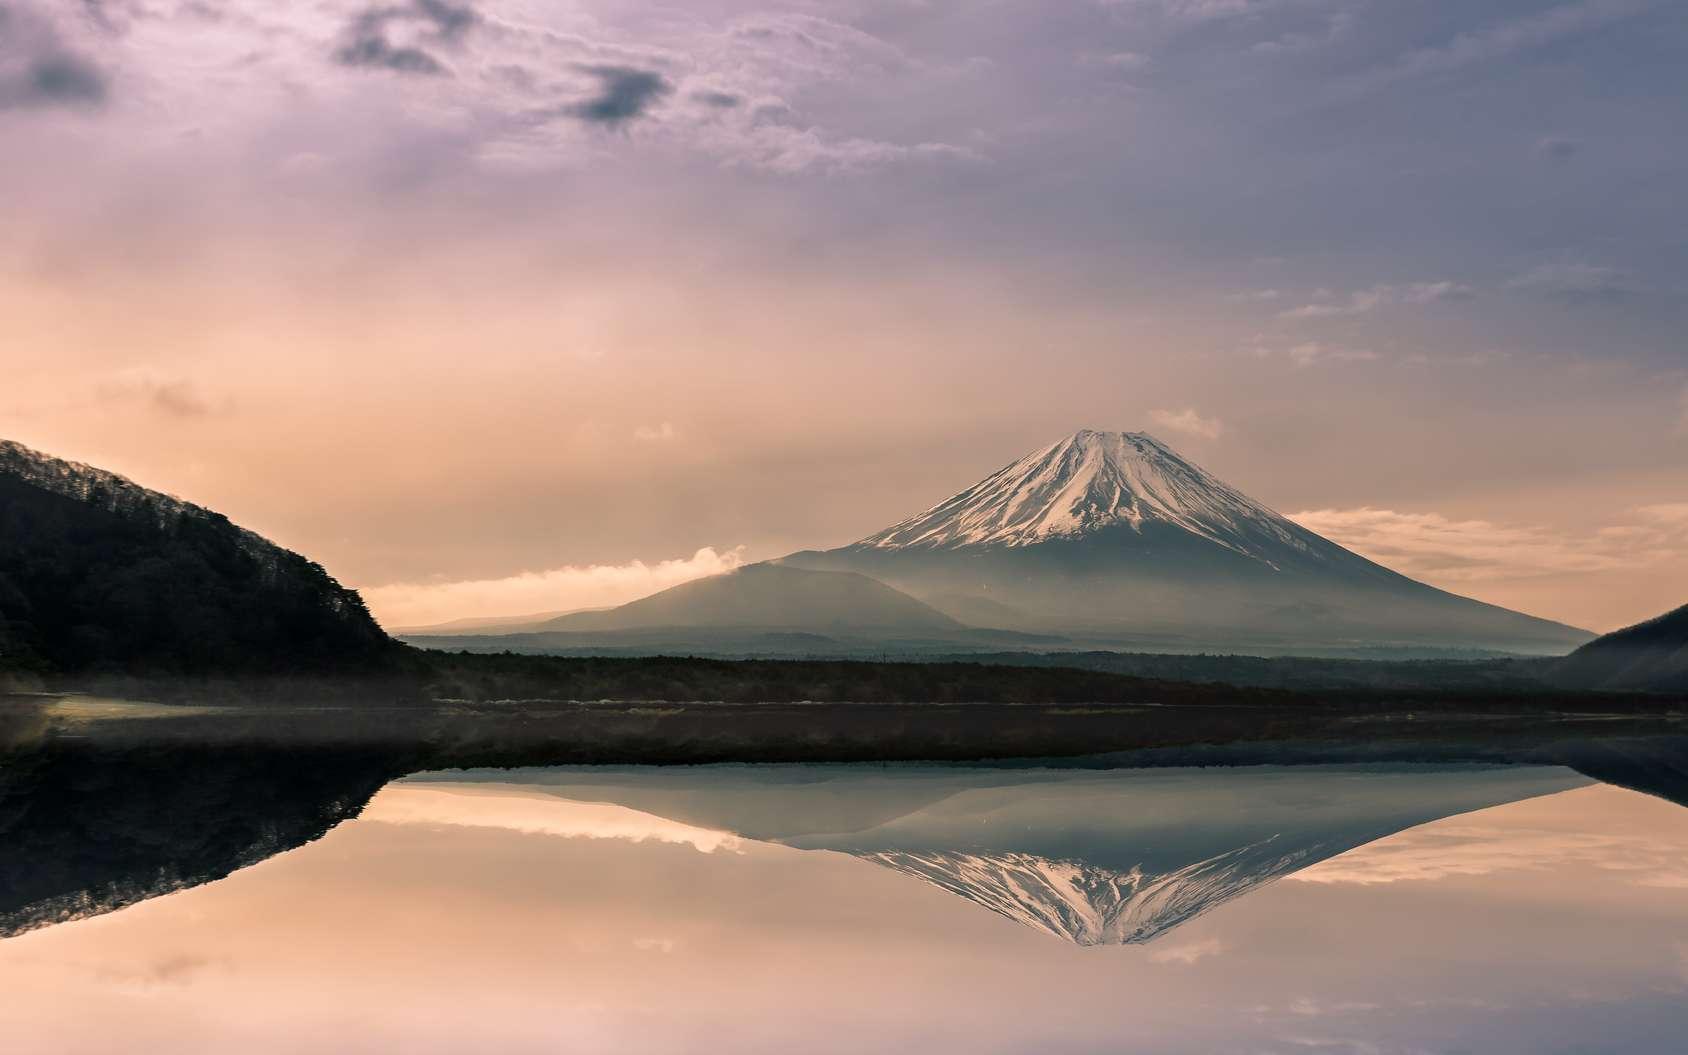 Le mont Fuji au lever du Soleil. Le stratovolcan est un des nombreux volcans de la ceinture de feu du Pacifique. © basiczto, fotolia